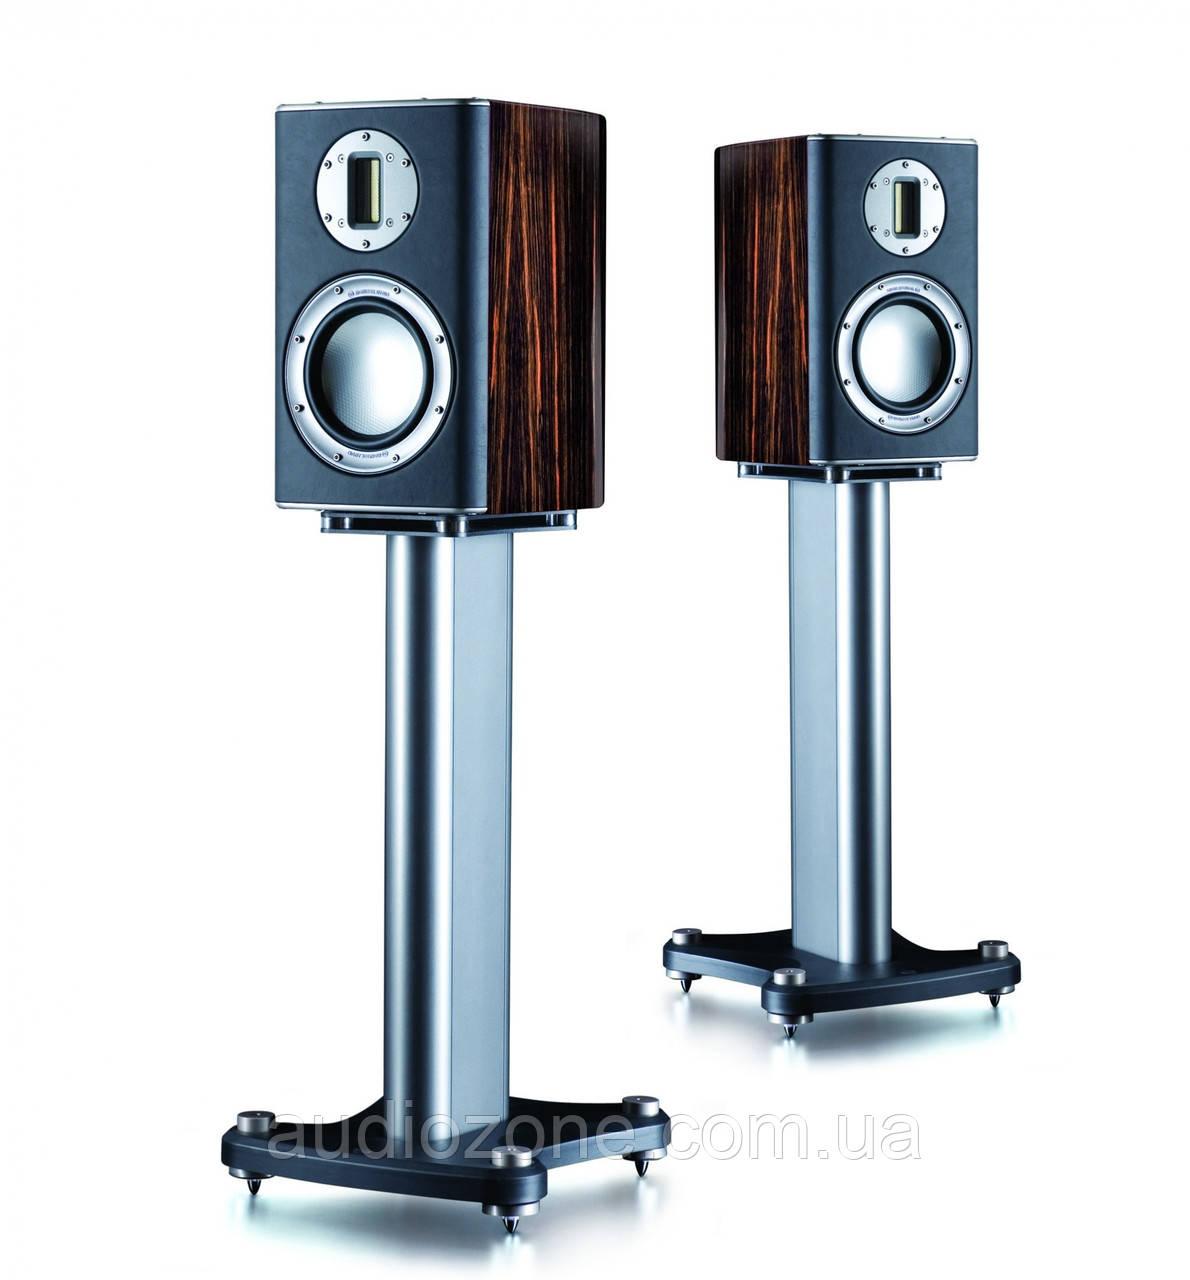 Акустическая система полочная Monitor Audio PL 100